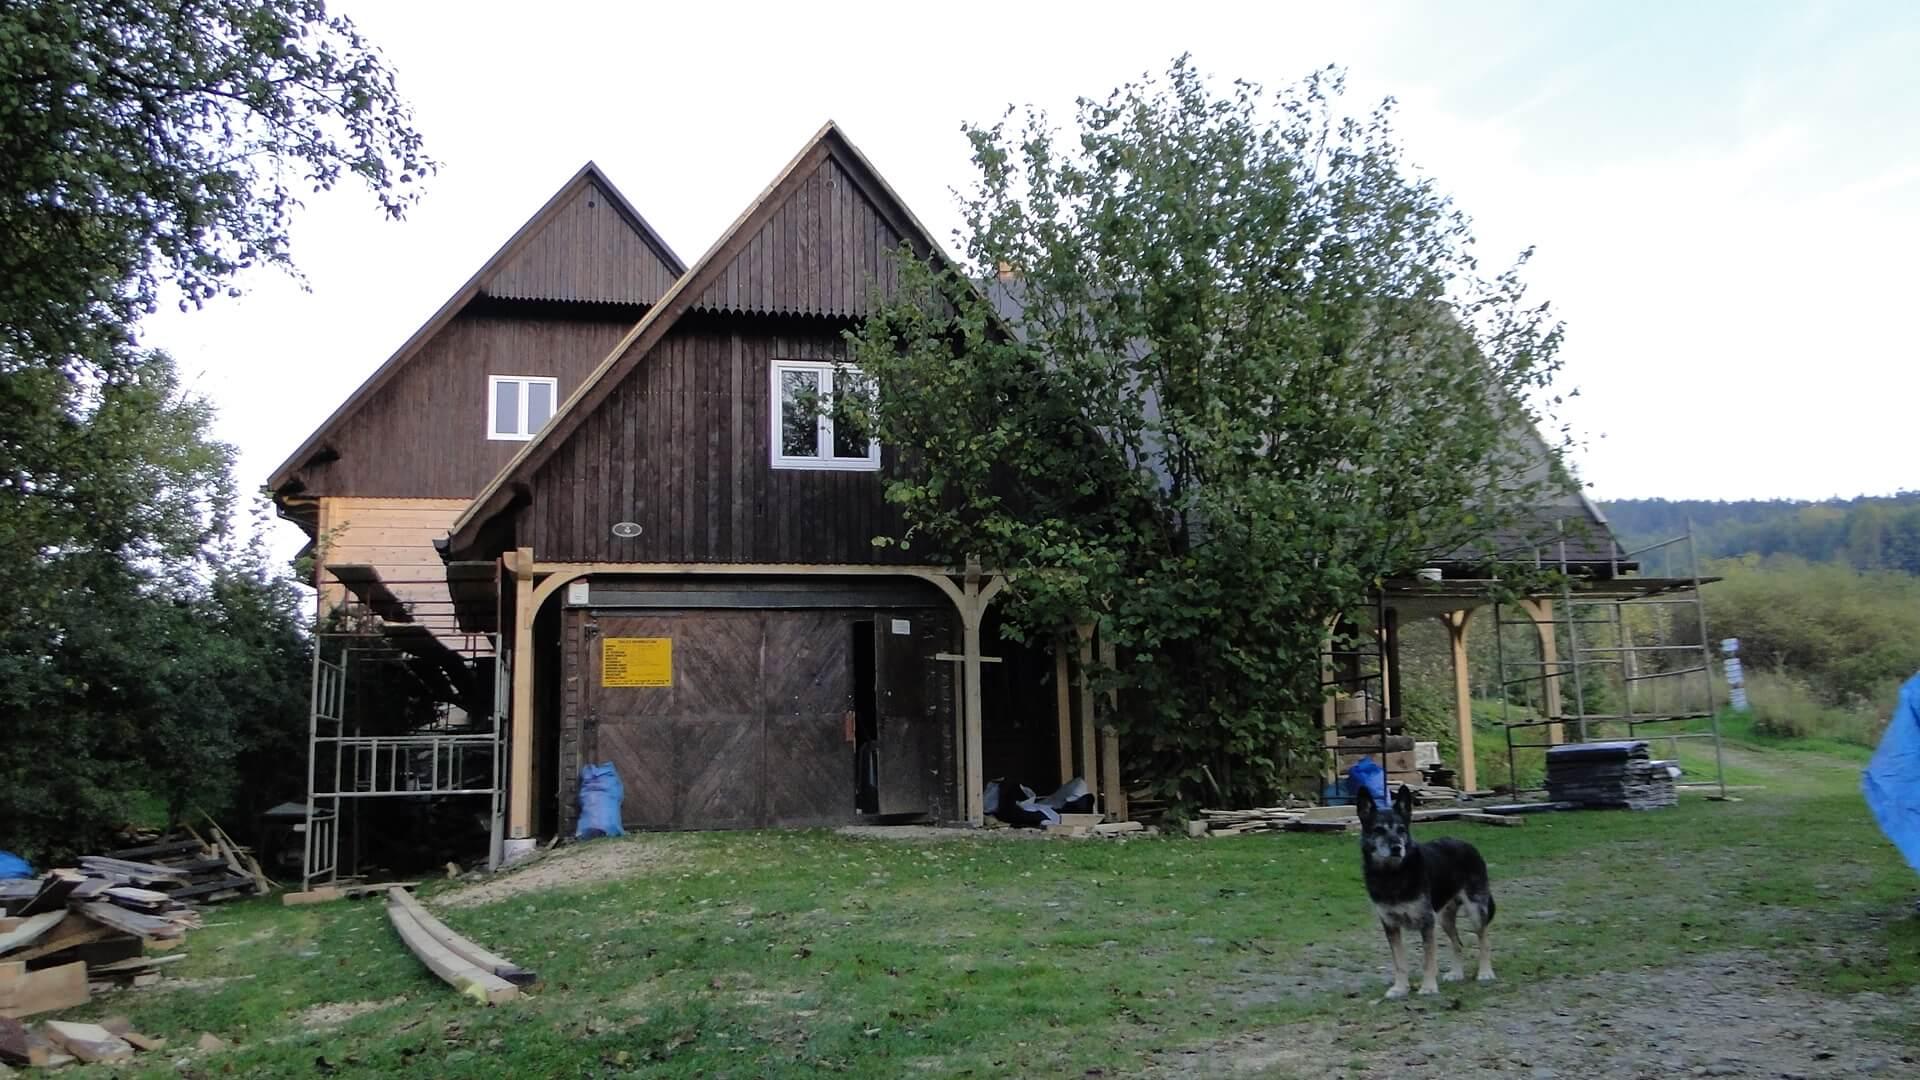 Stare skrzydło naszej chaty odnowione! 2